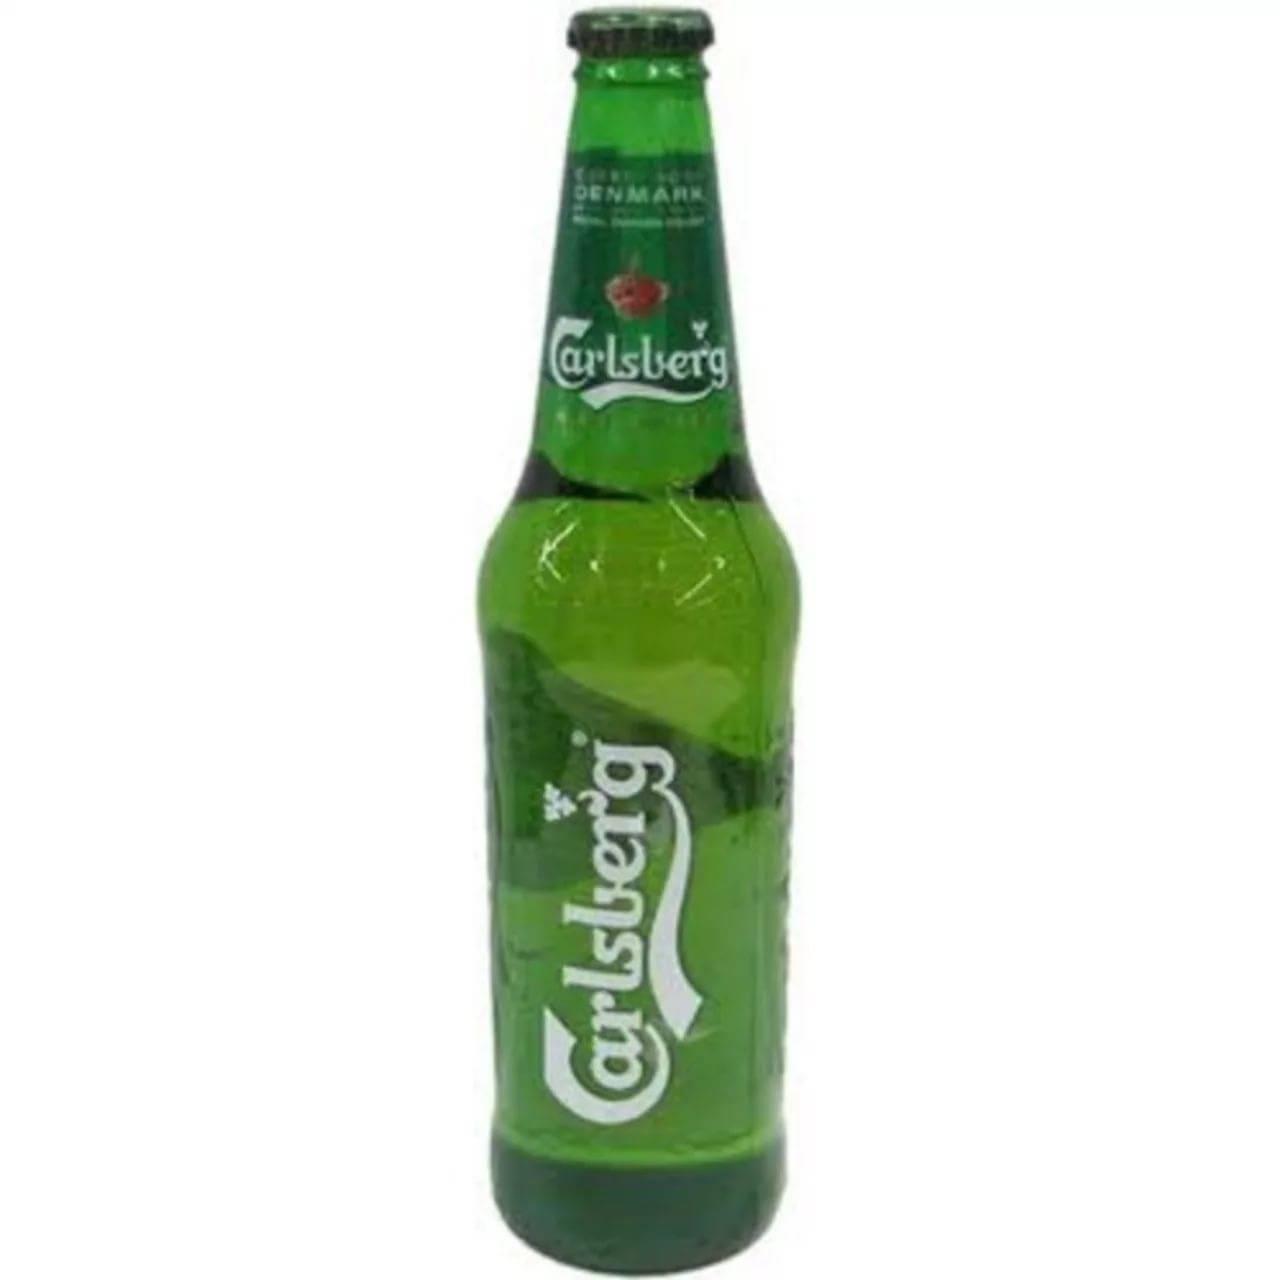 Пиво карлсберг: история, обзор видов + интересные факты